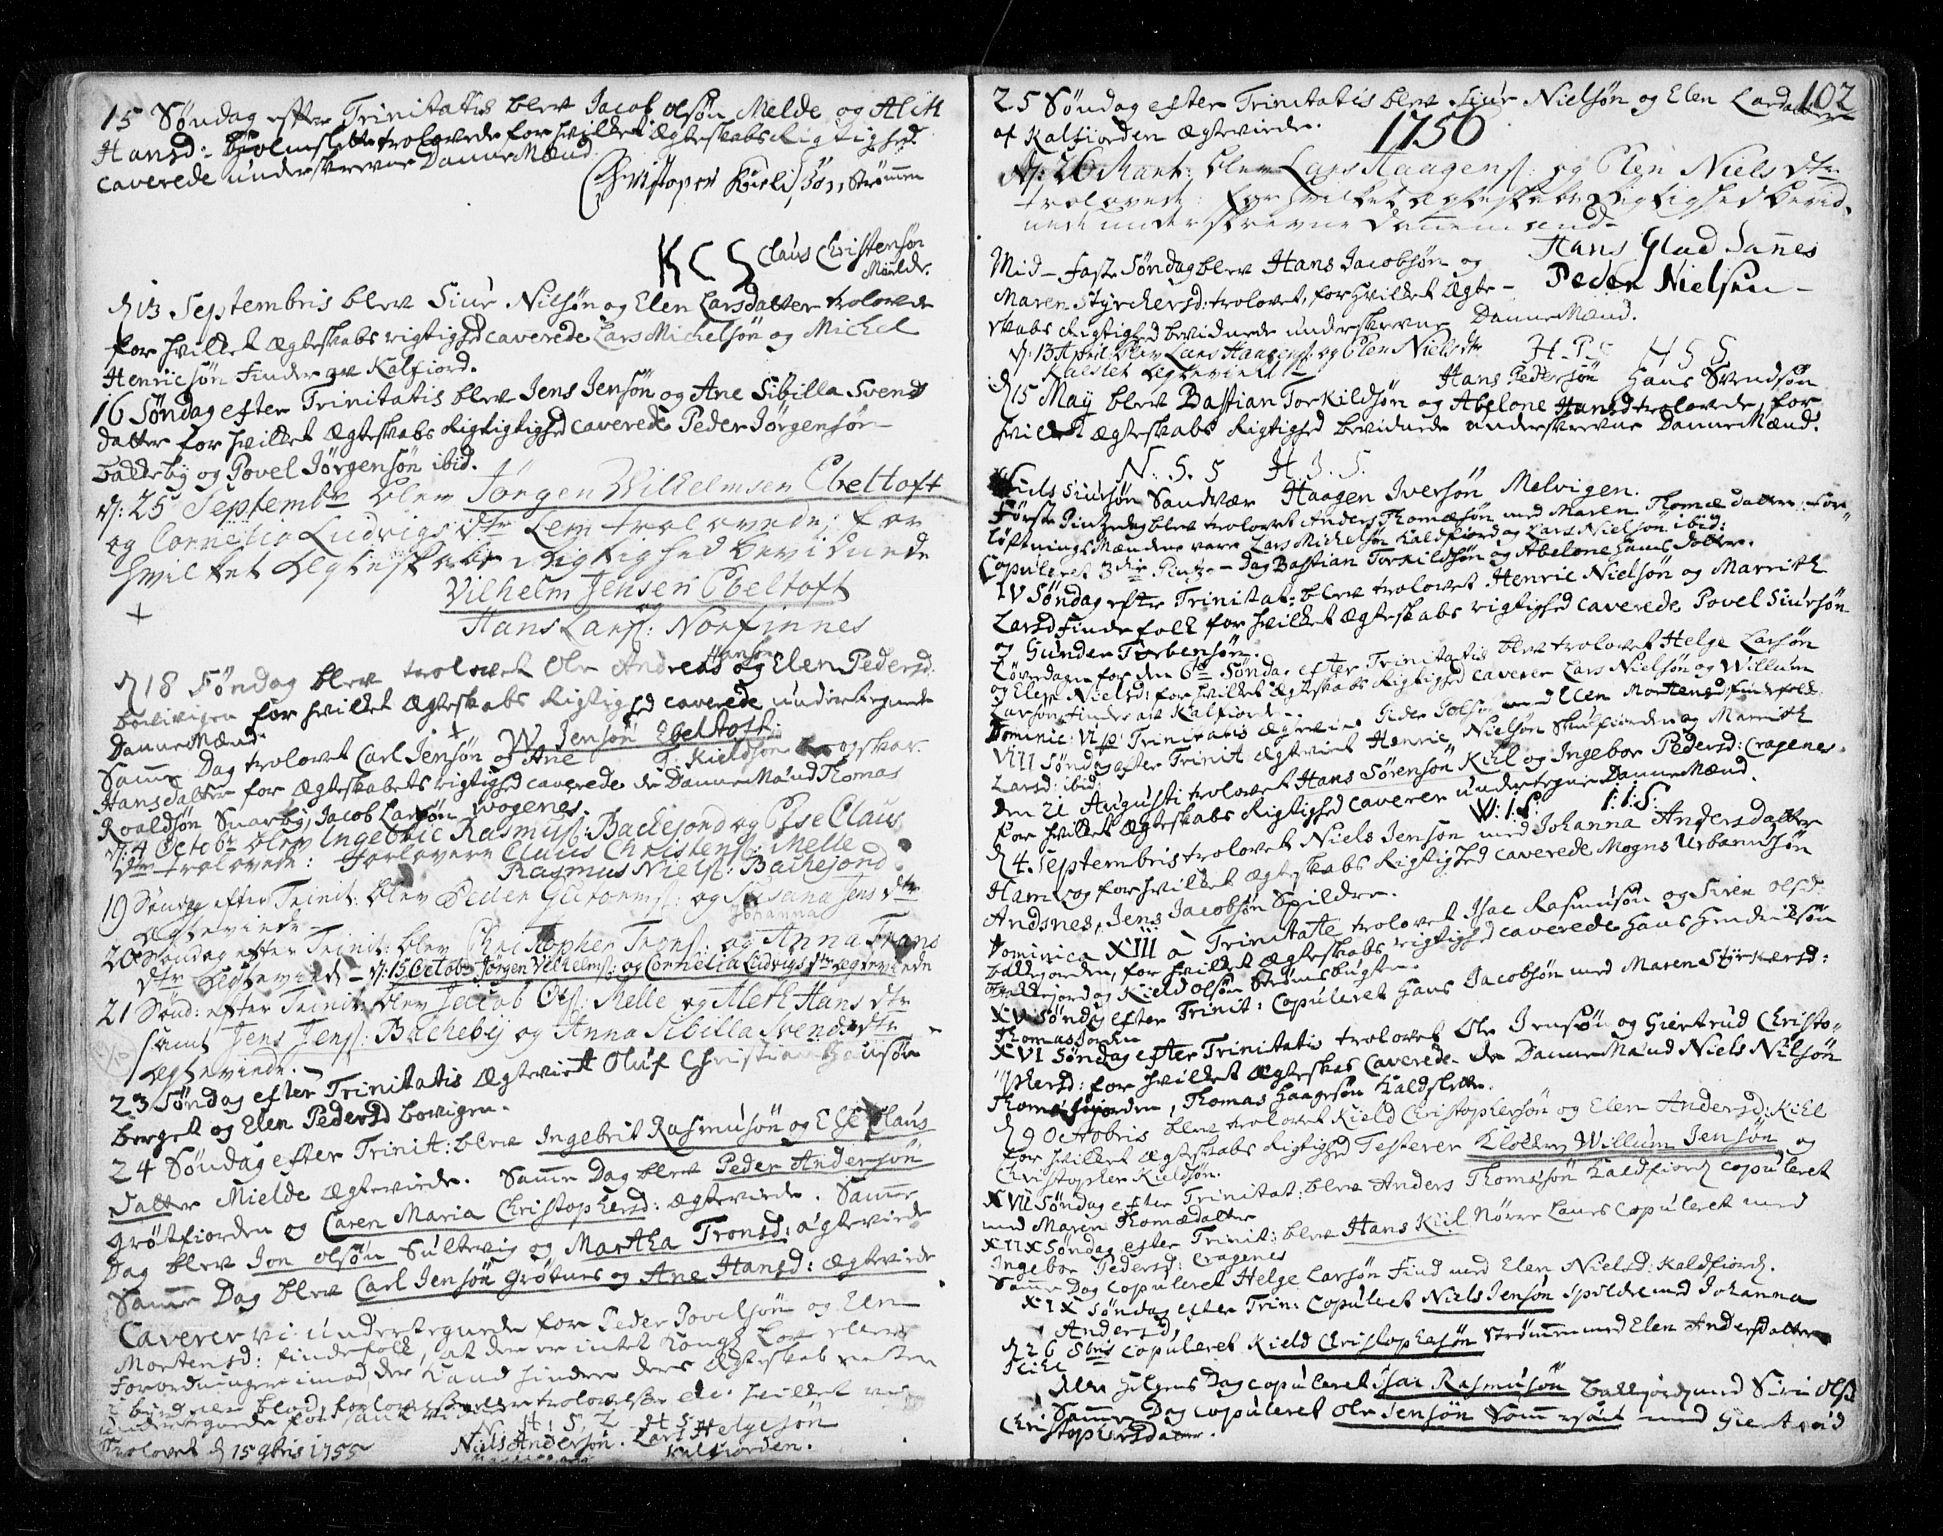 SATØ, Tromsø sokneprestkontor/stiftsprosti/domprosti, G/Ga/L0002kirke: Ministerialbok nr. 2, 1753-1778, s. 102